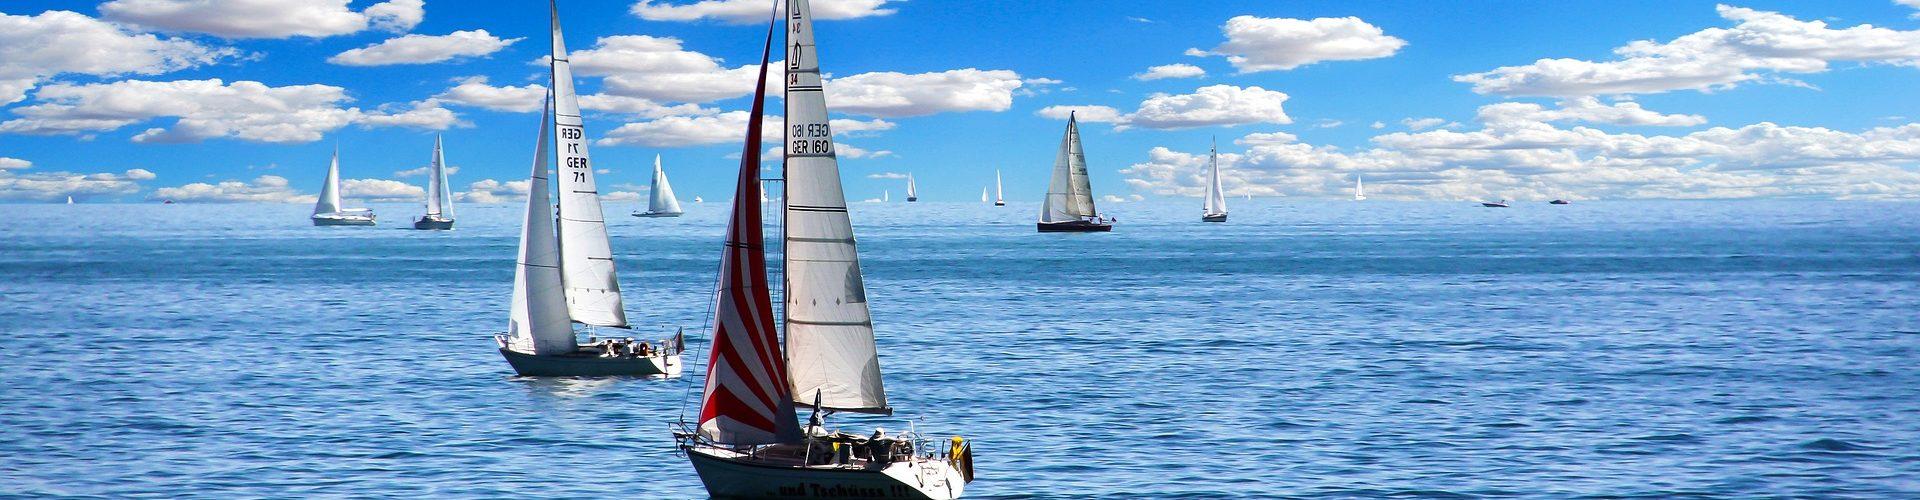 segeln lernen in Belgern segelschein machen in Belgern 1920x500 - Segeln lernen in Belgern